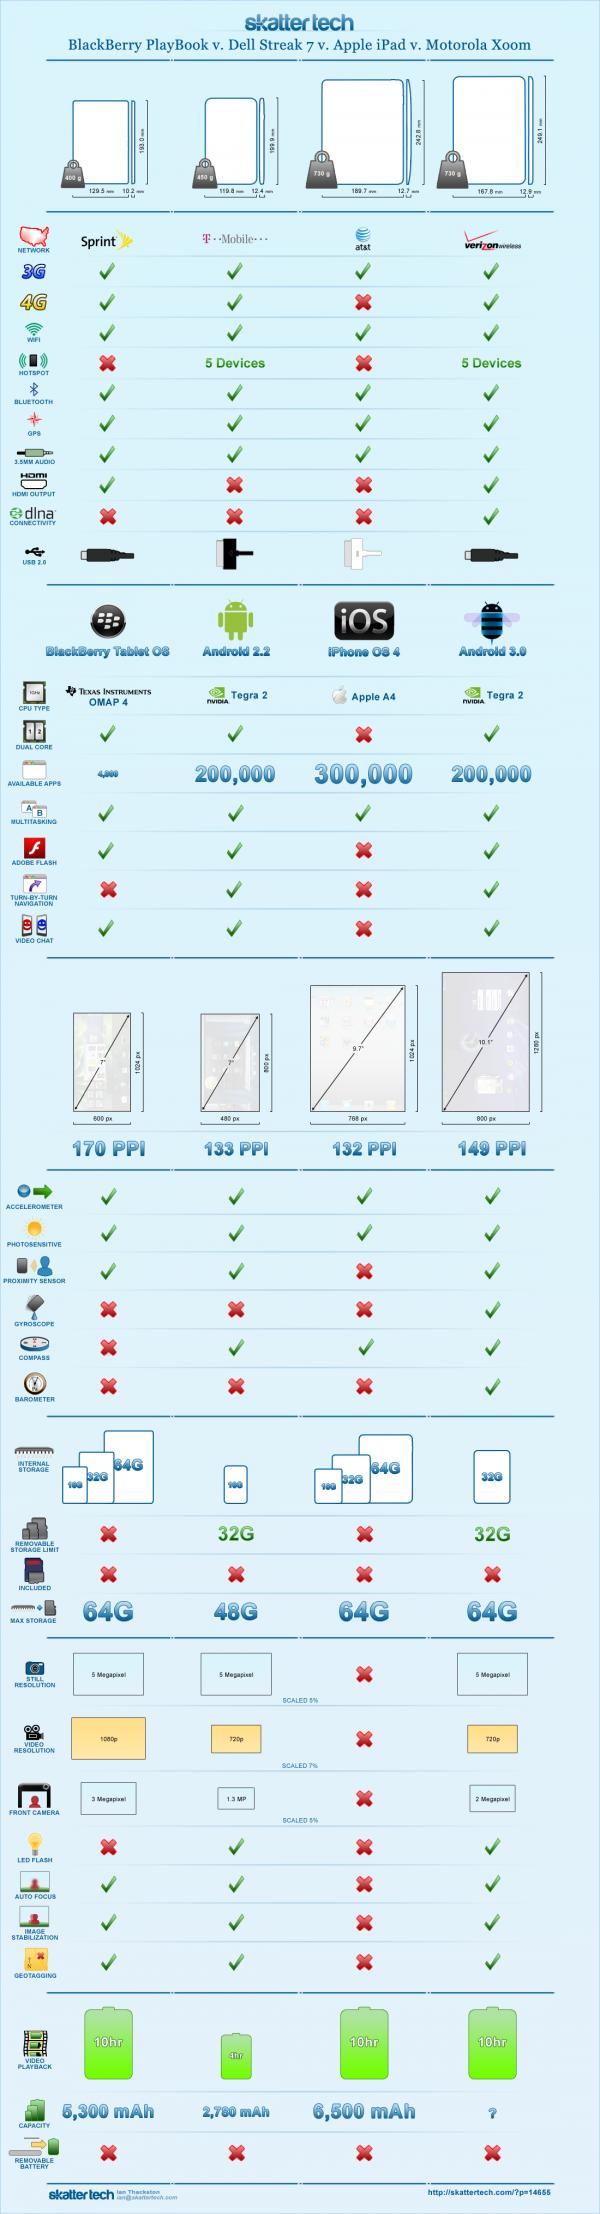 Infografica Playbook vs Streak Vs iPad vs Xoom